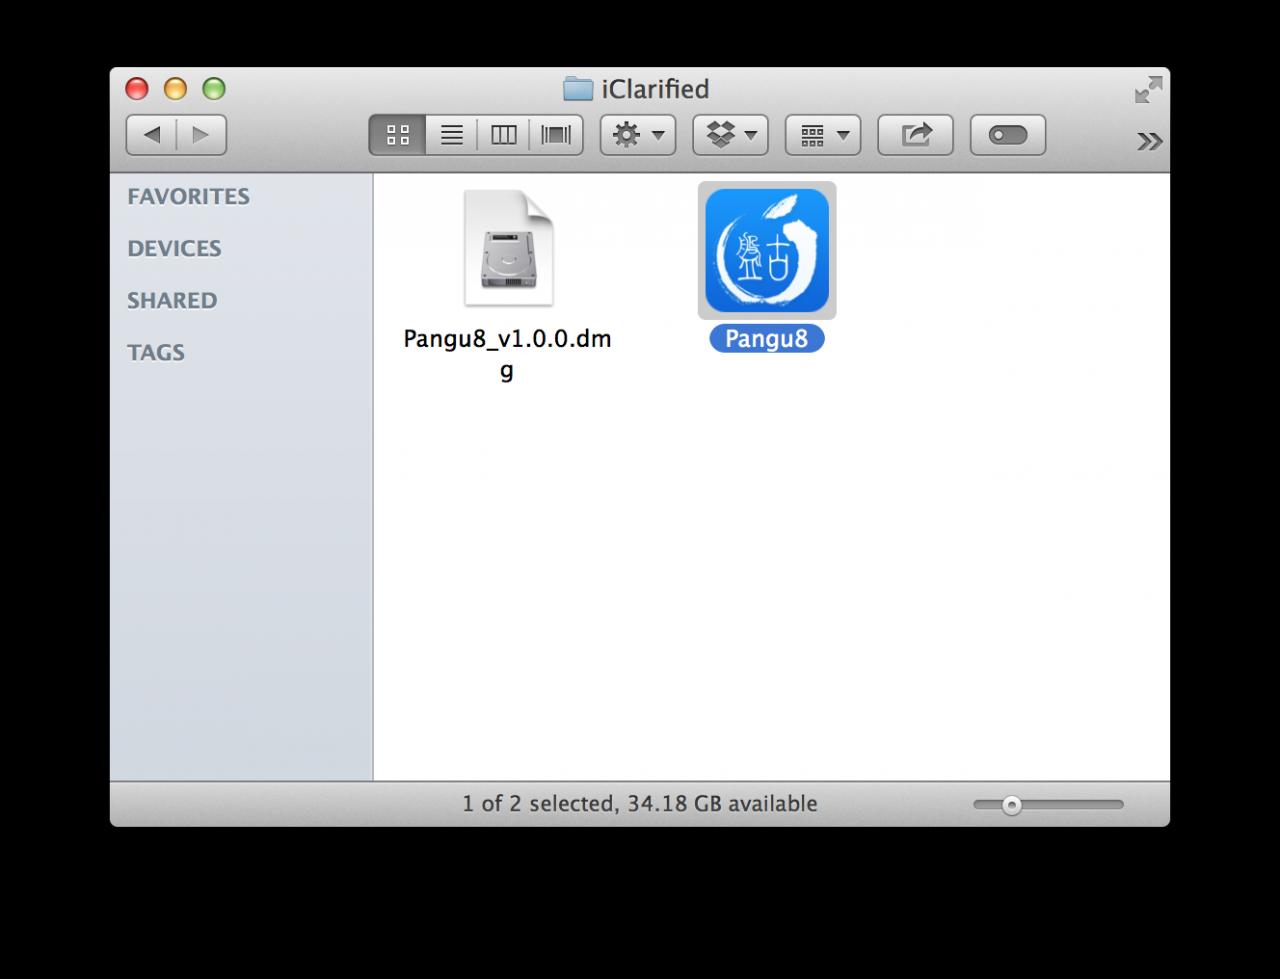 iClarified folder